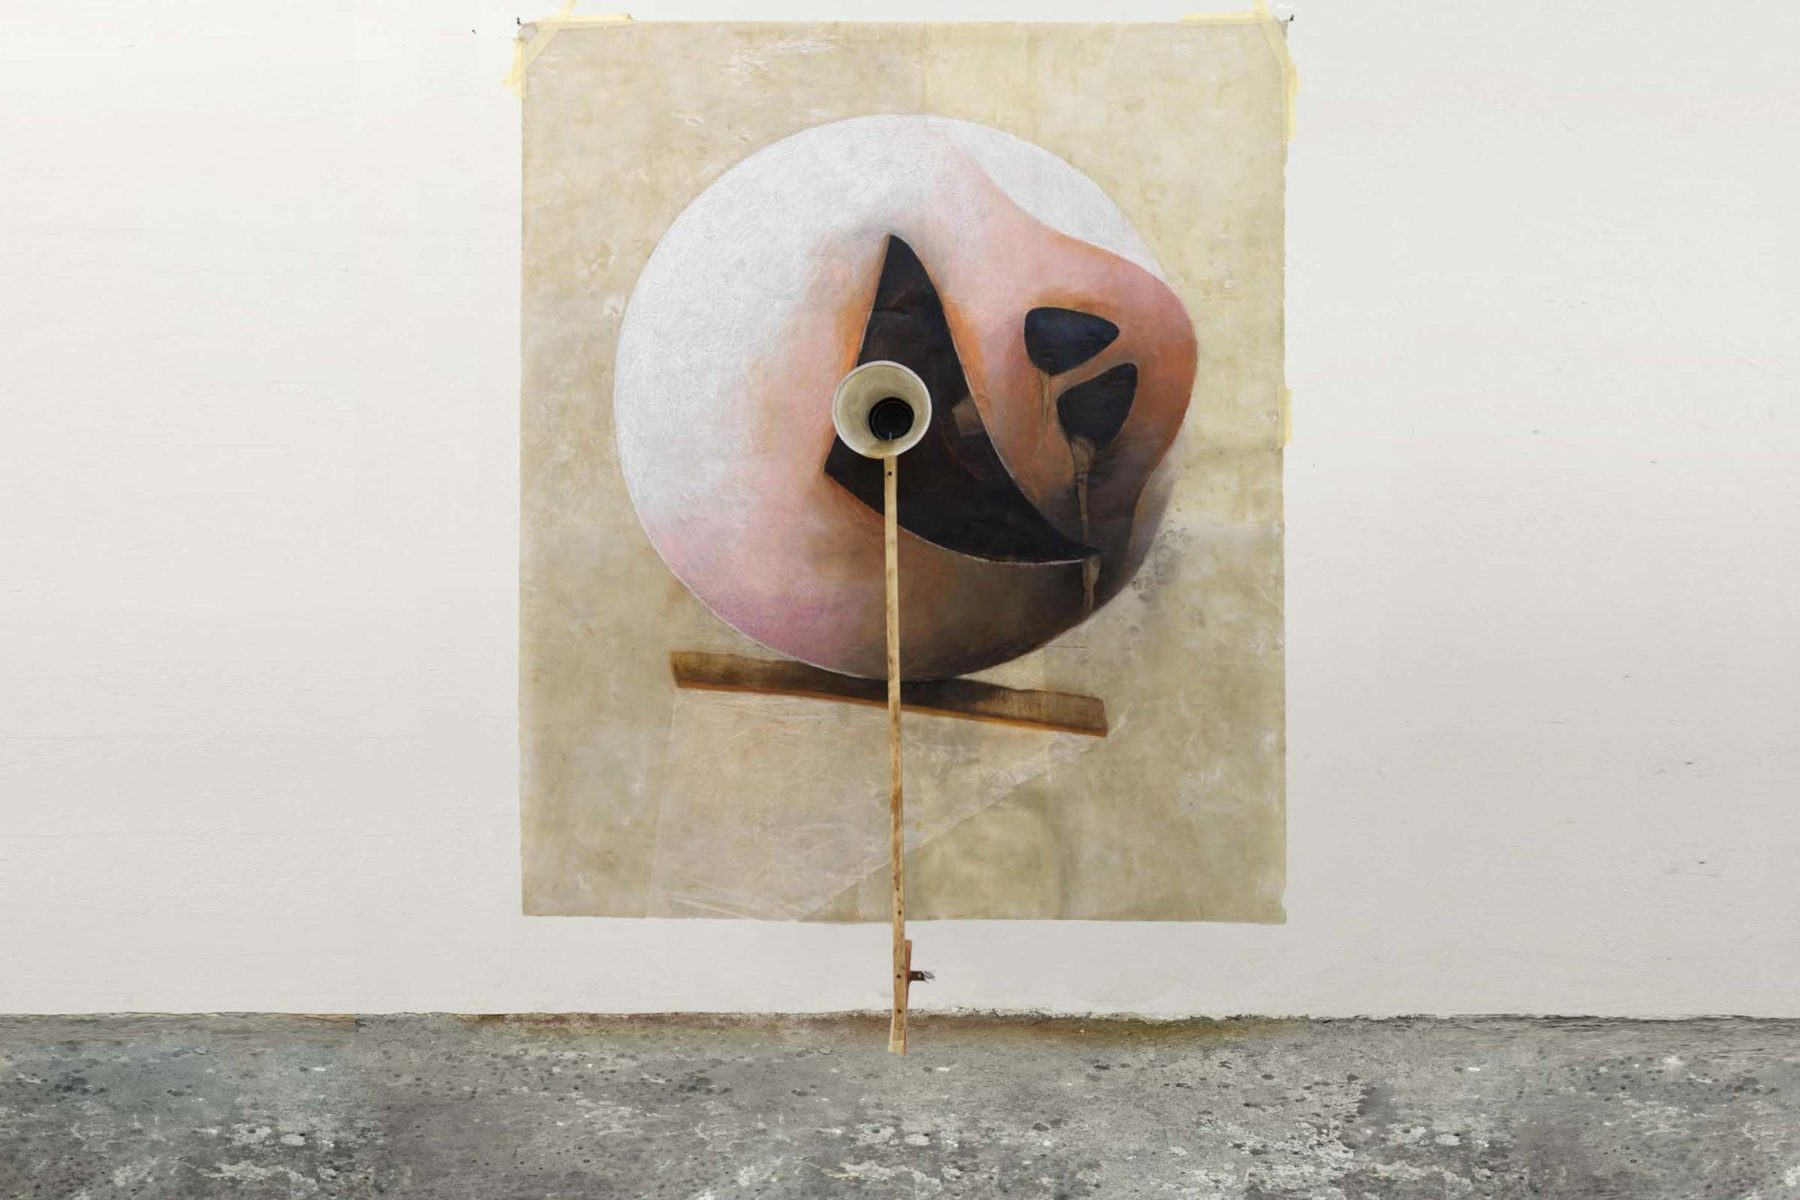 Silvano Tessarollo, Disegno che ride, 2011, mixed media, 128 x 166 x 31 cm